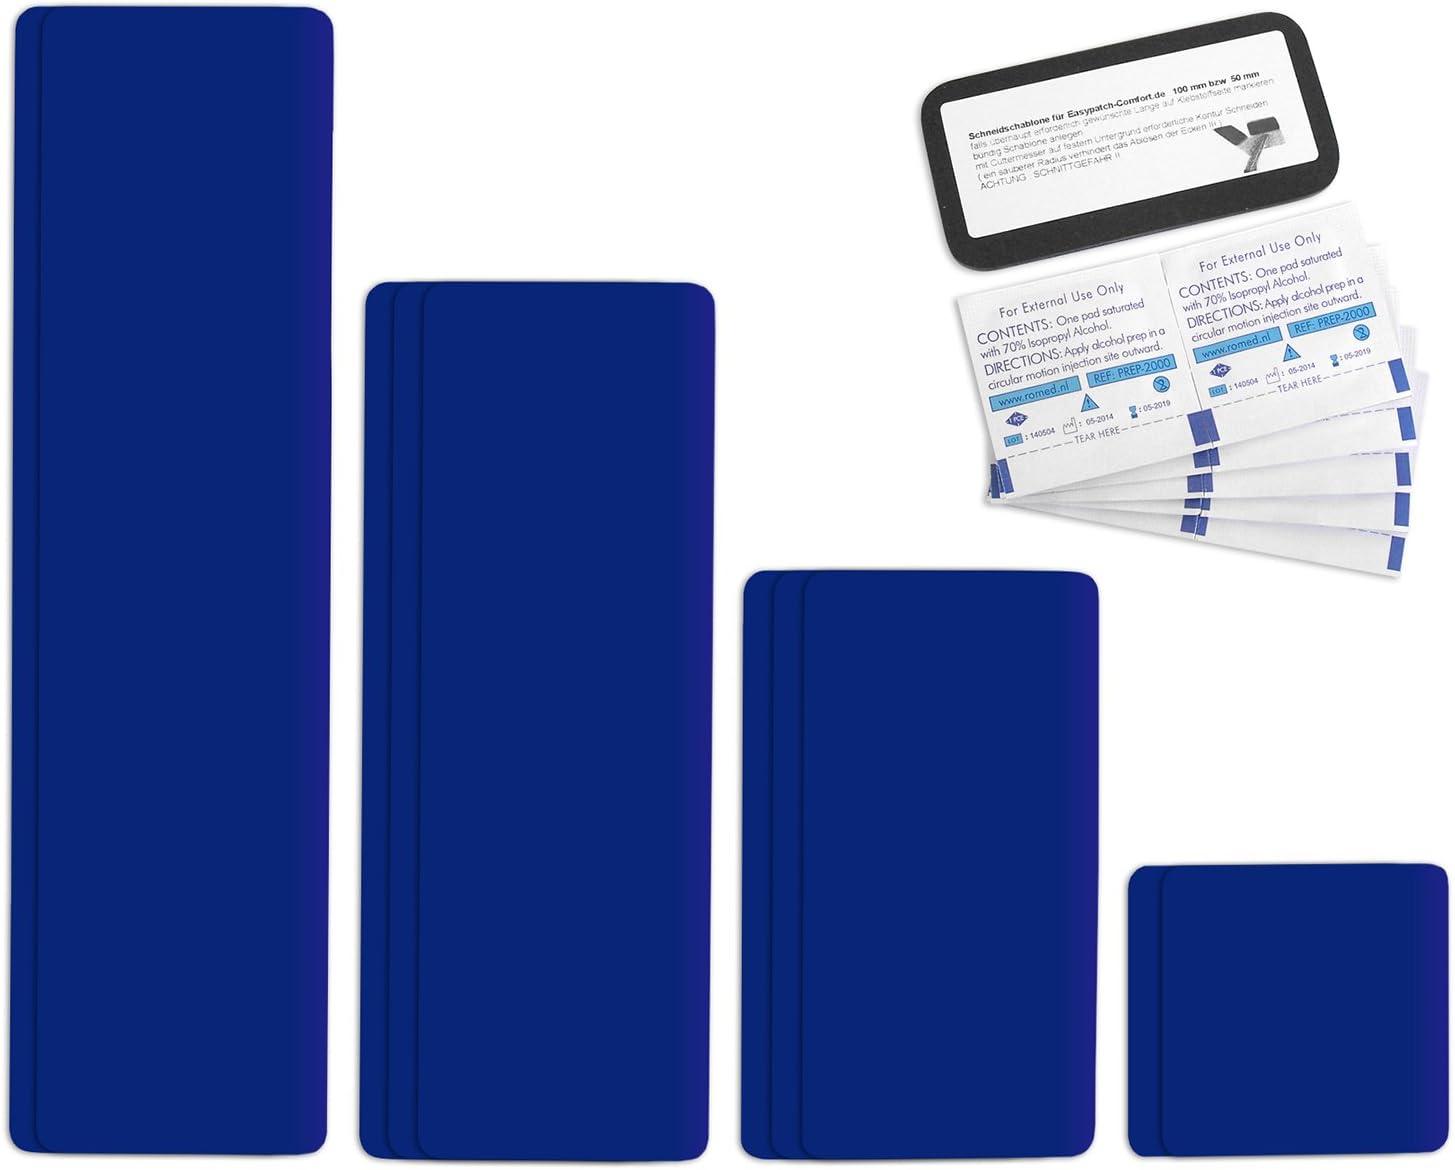 Parche para reparar toldos de semirremolques | disponible en multitud de colores | Easy Patch Comfort 100 mm de ancho - 10 piezas - | Enzianblau RAL 5010